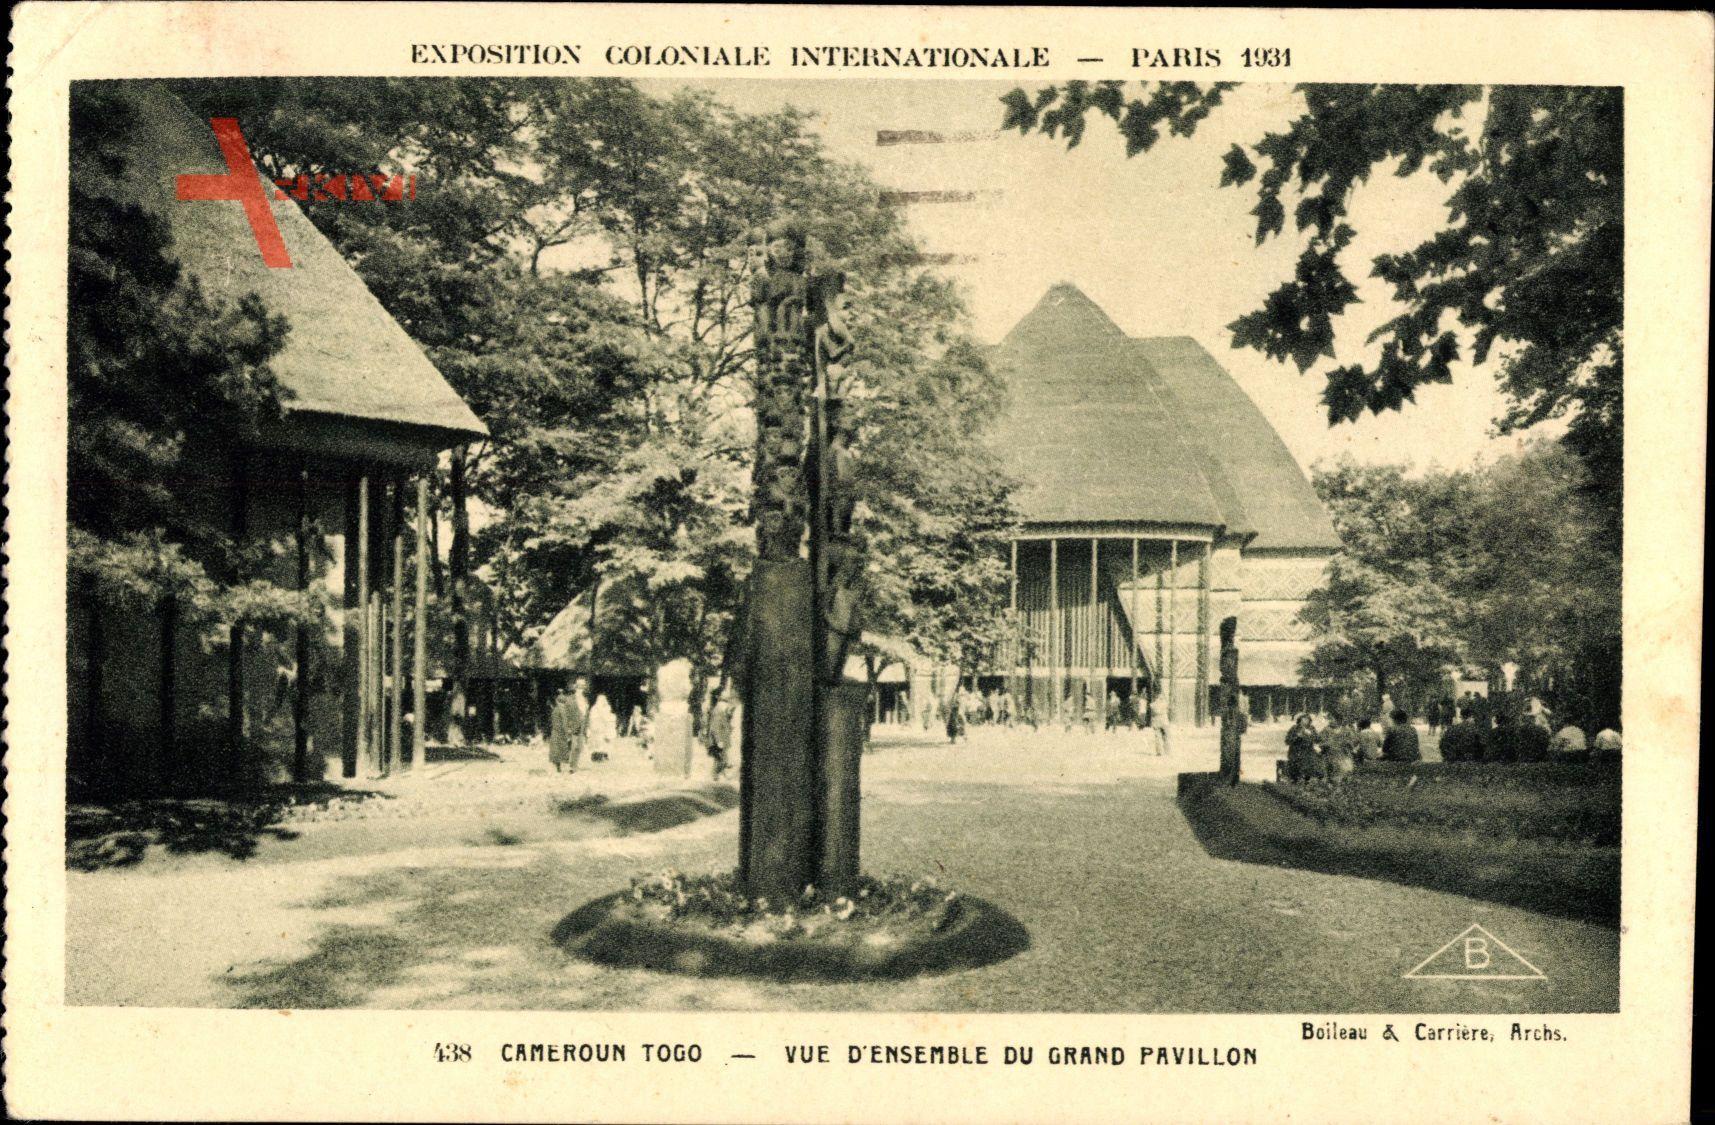 Paris, Expo, Weltausstellung 1931, Kamerun Togo, Grand Pavillon